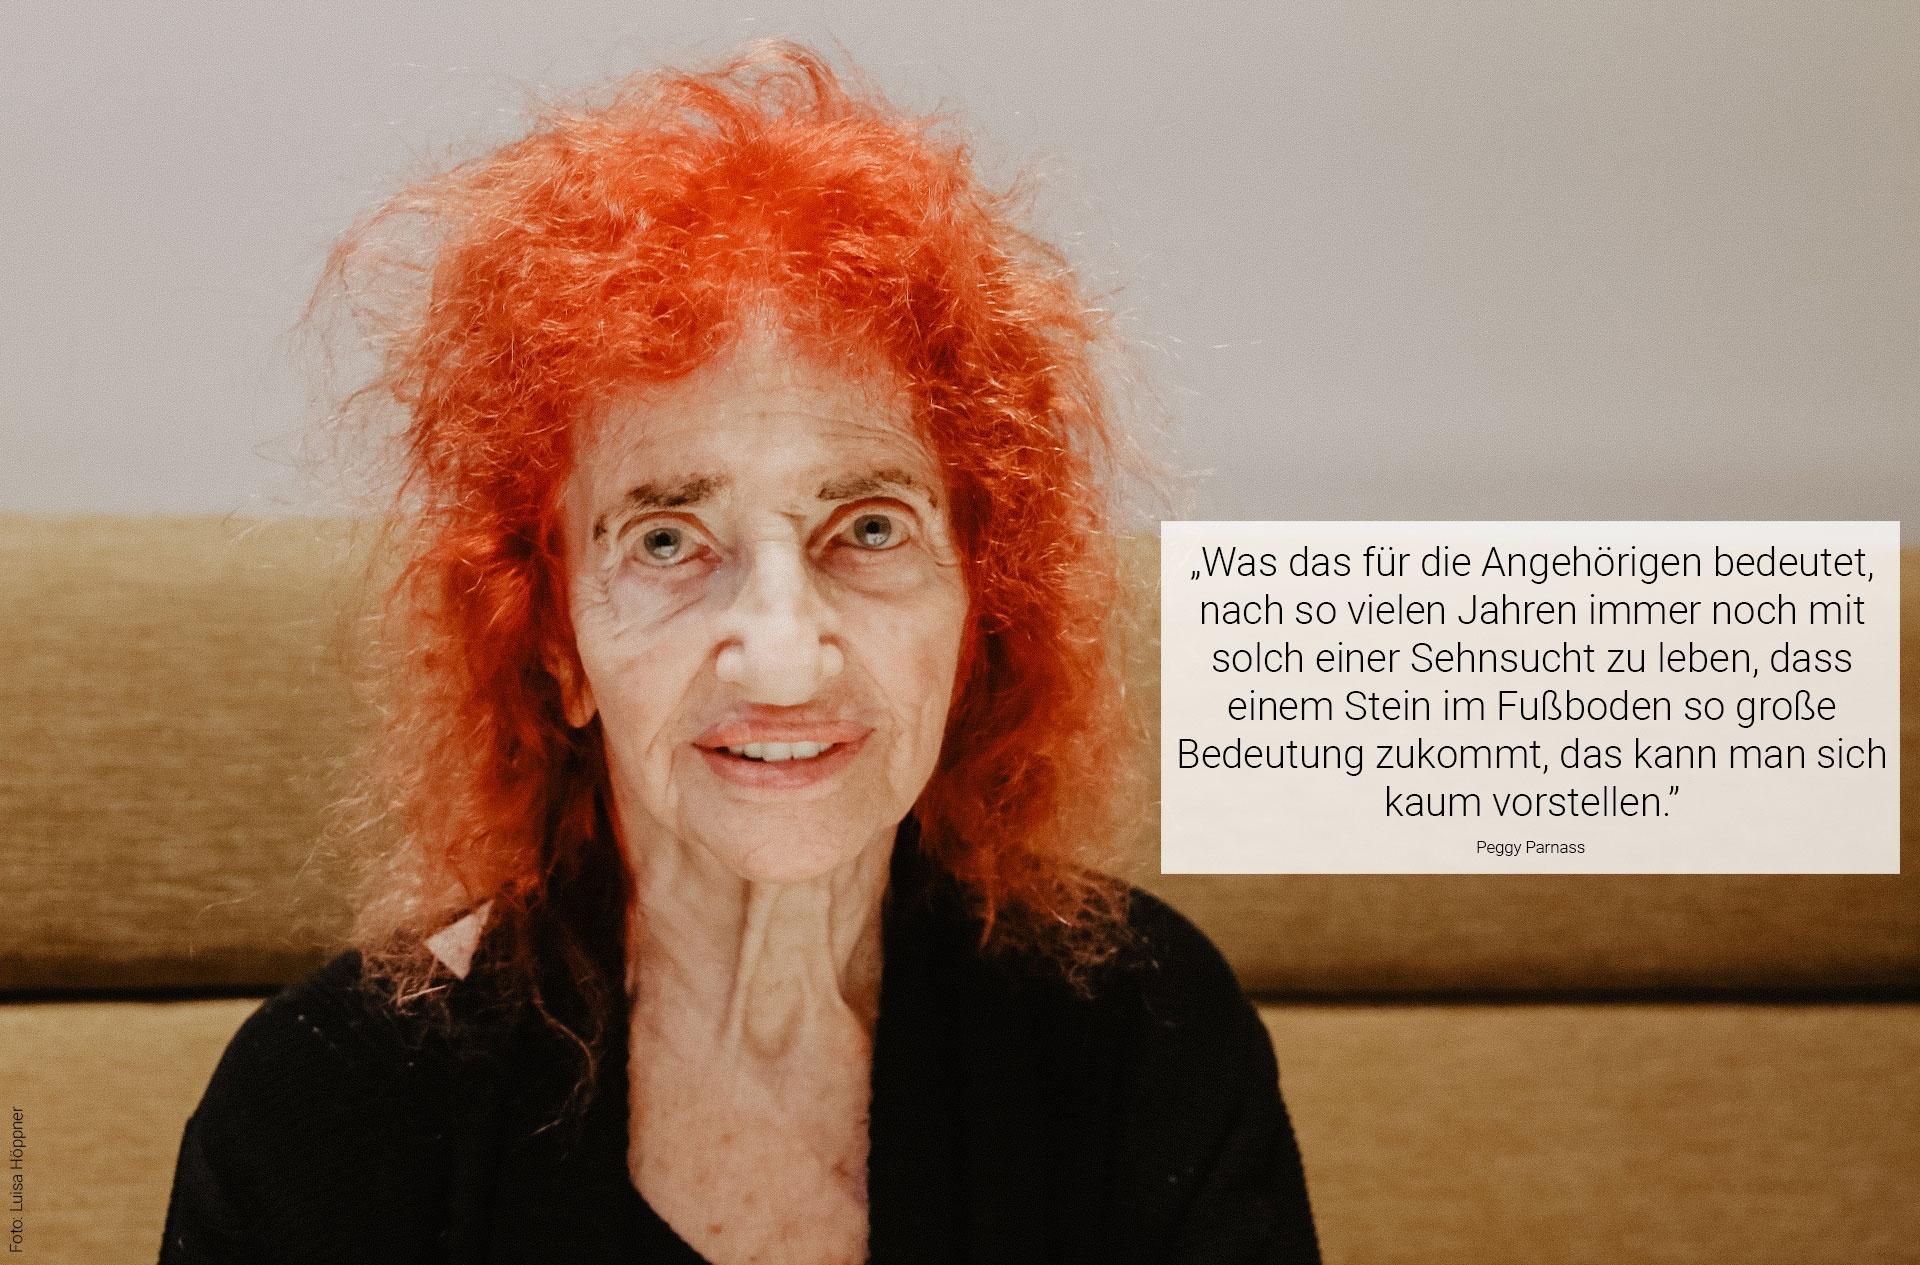 Peggy Parnass ist eine der letzten Holocaust Überlebenden. Heute lebt sie auf der Langen Reihe. Foto: Luisa Höppner